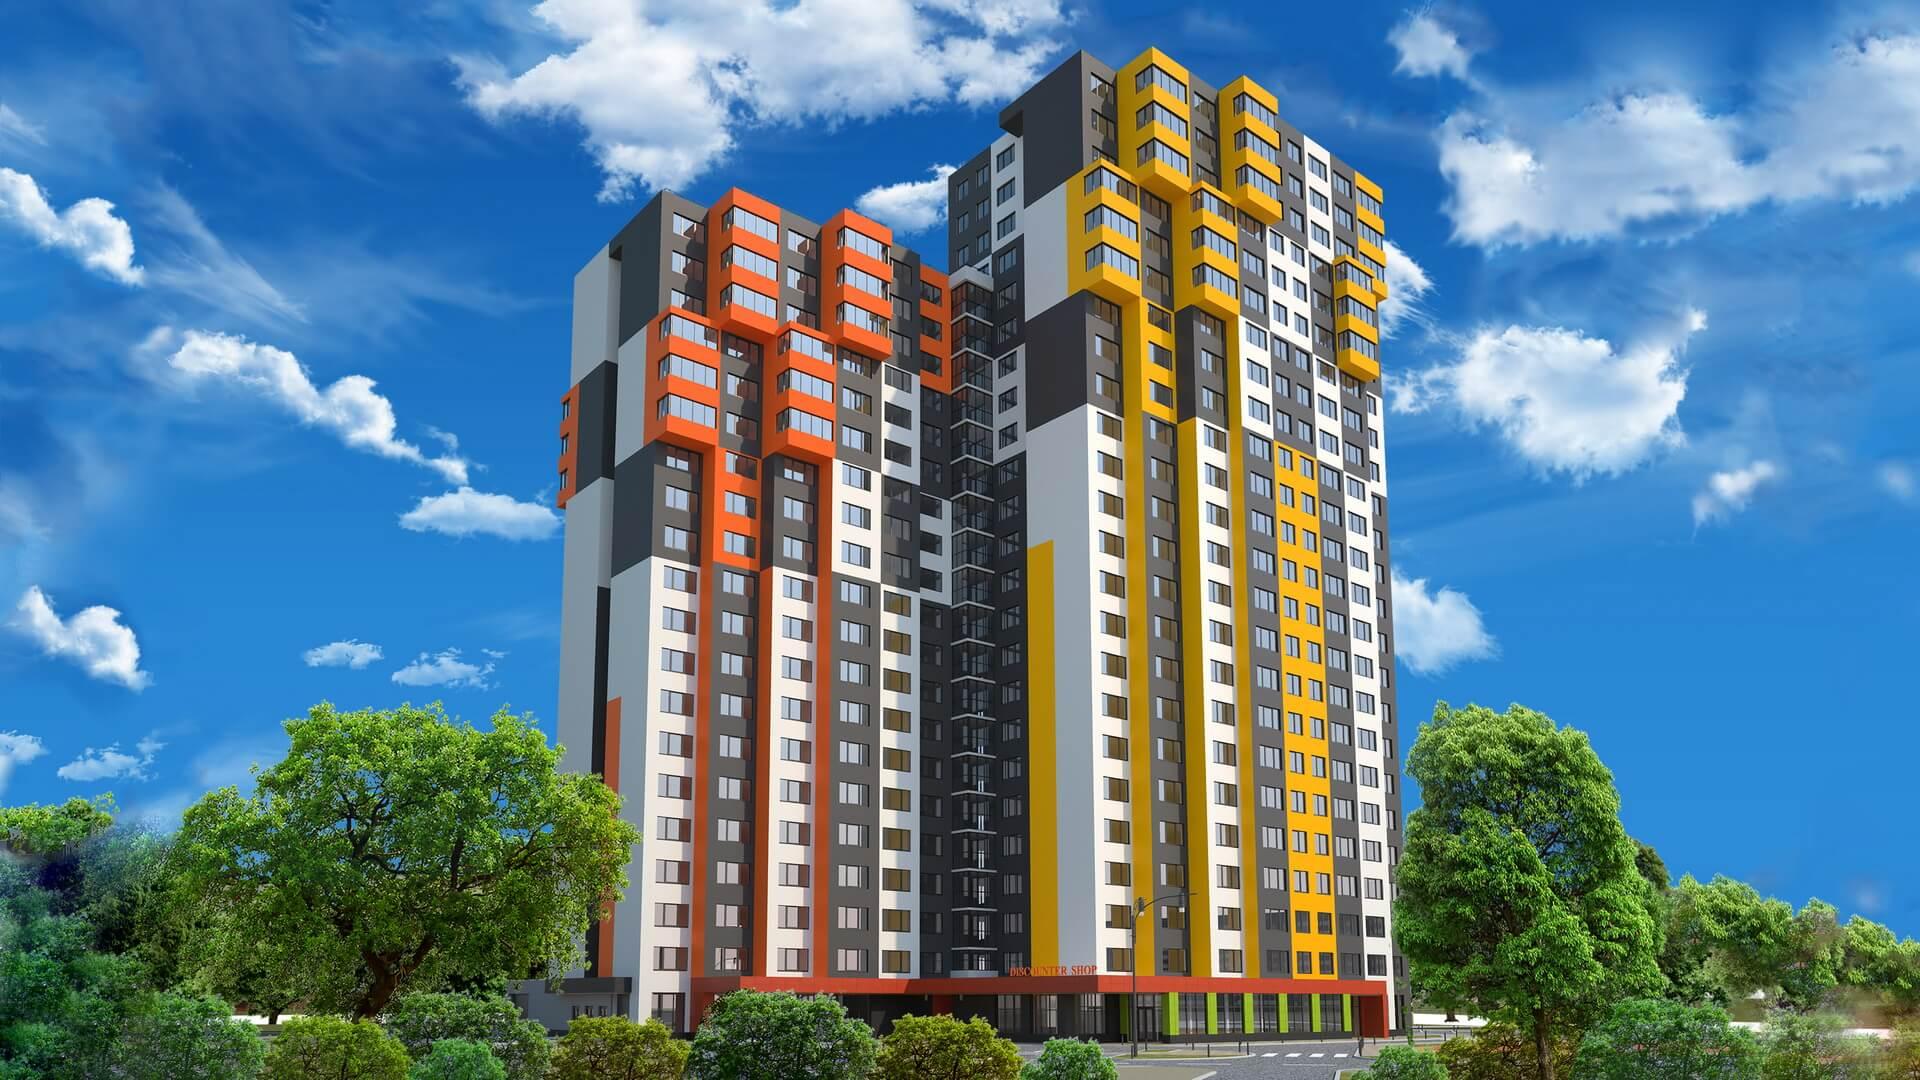 Цены на квартиры в Рязани взлетели вверх